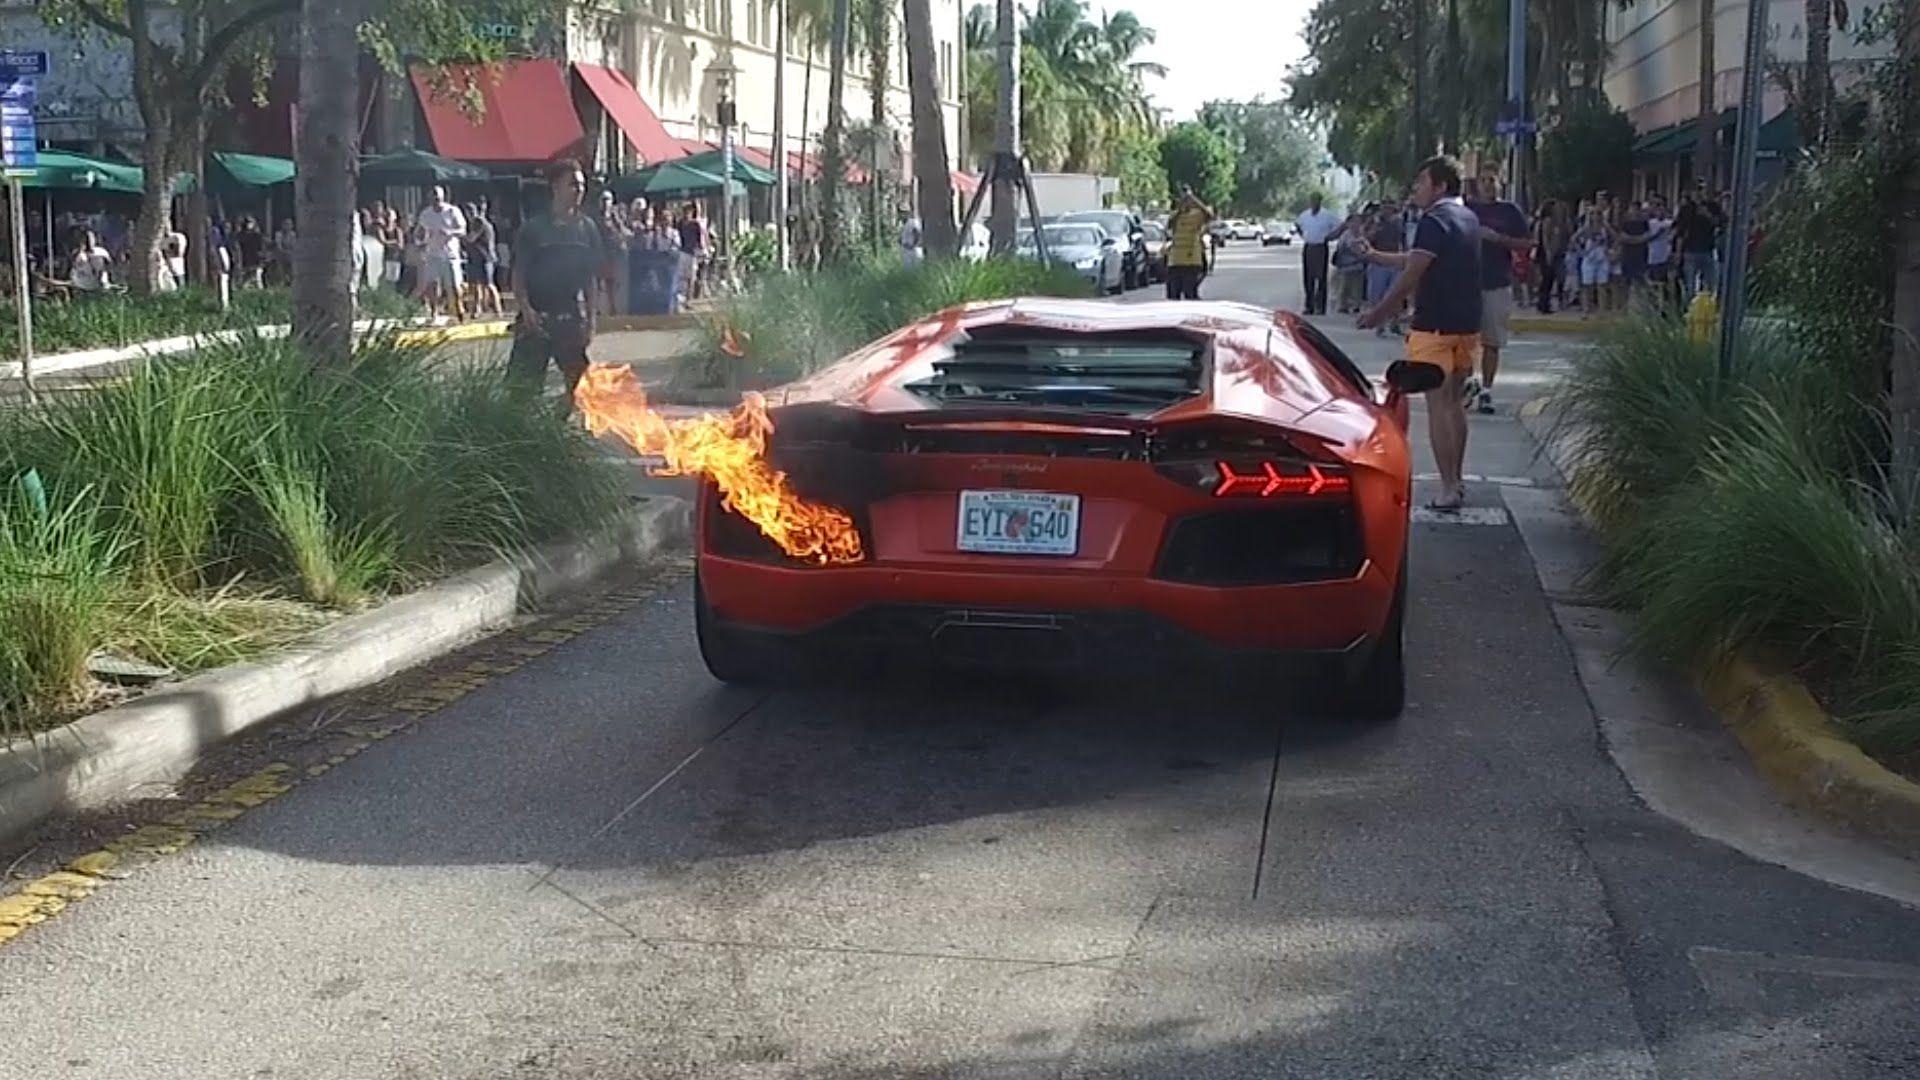 Lamborghini · $400,000 Lamborghini Aventador Set On Fire ...